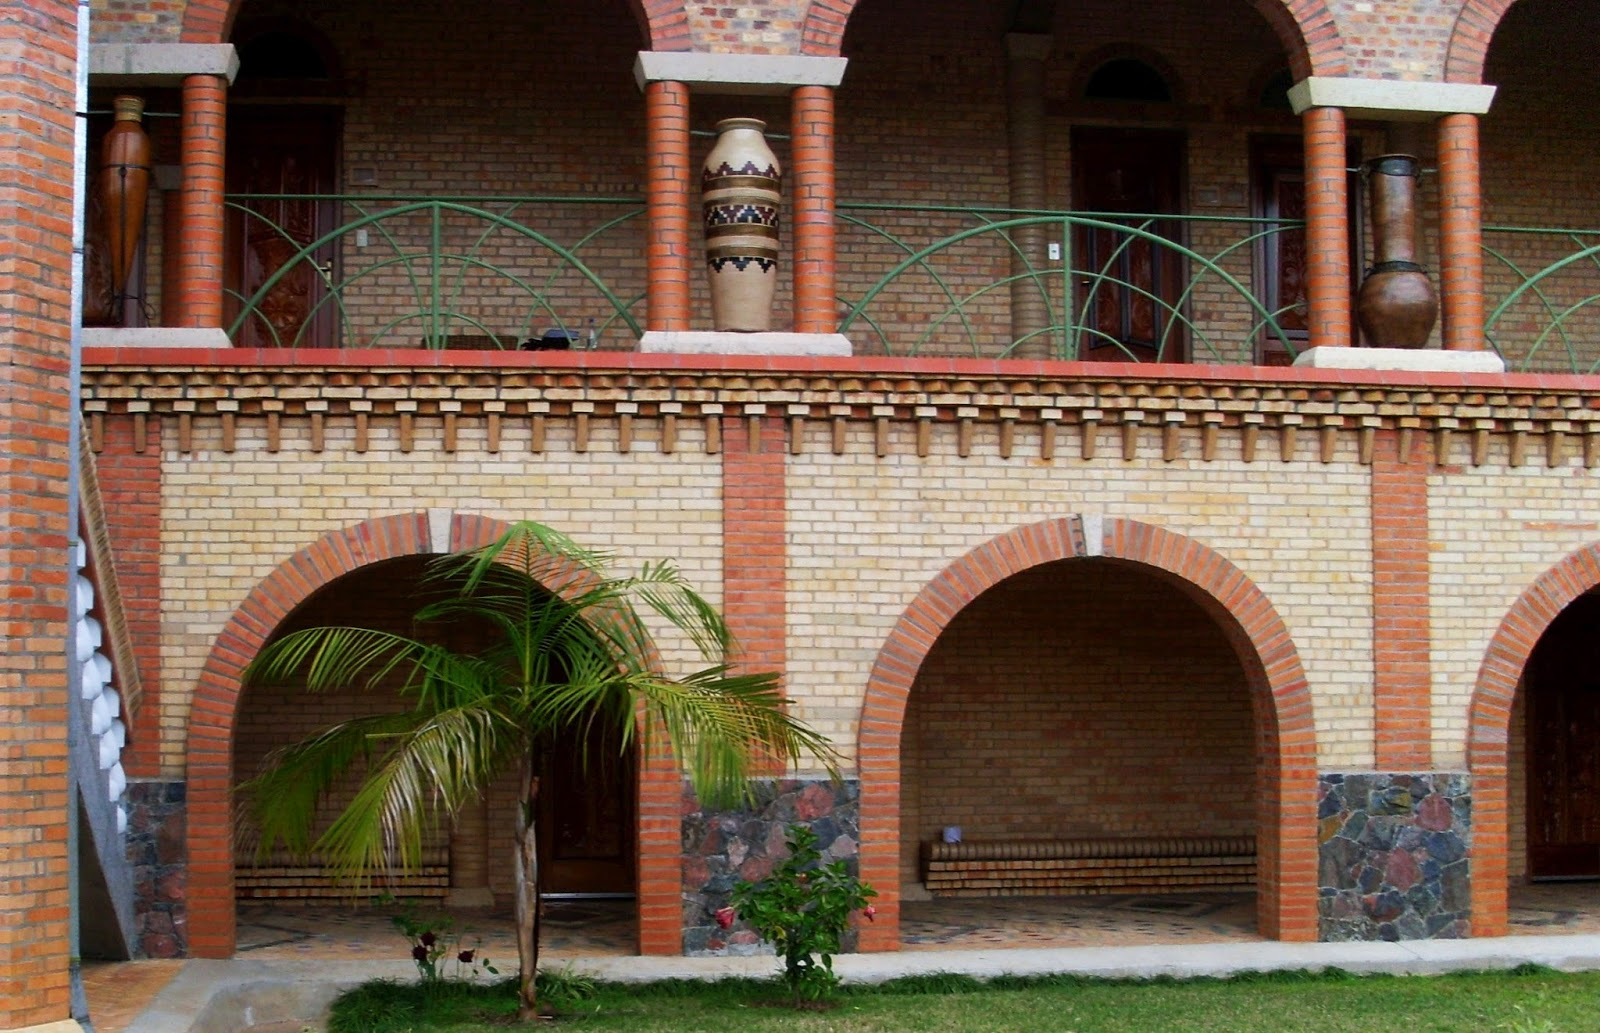 Casas de ladrillo con arcos foto fachada con arcos de - Arcos de ladrillo visto ...